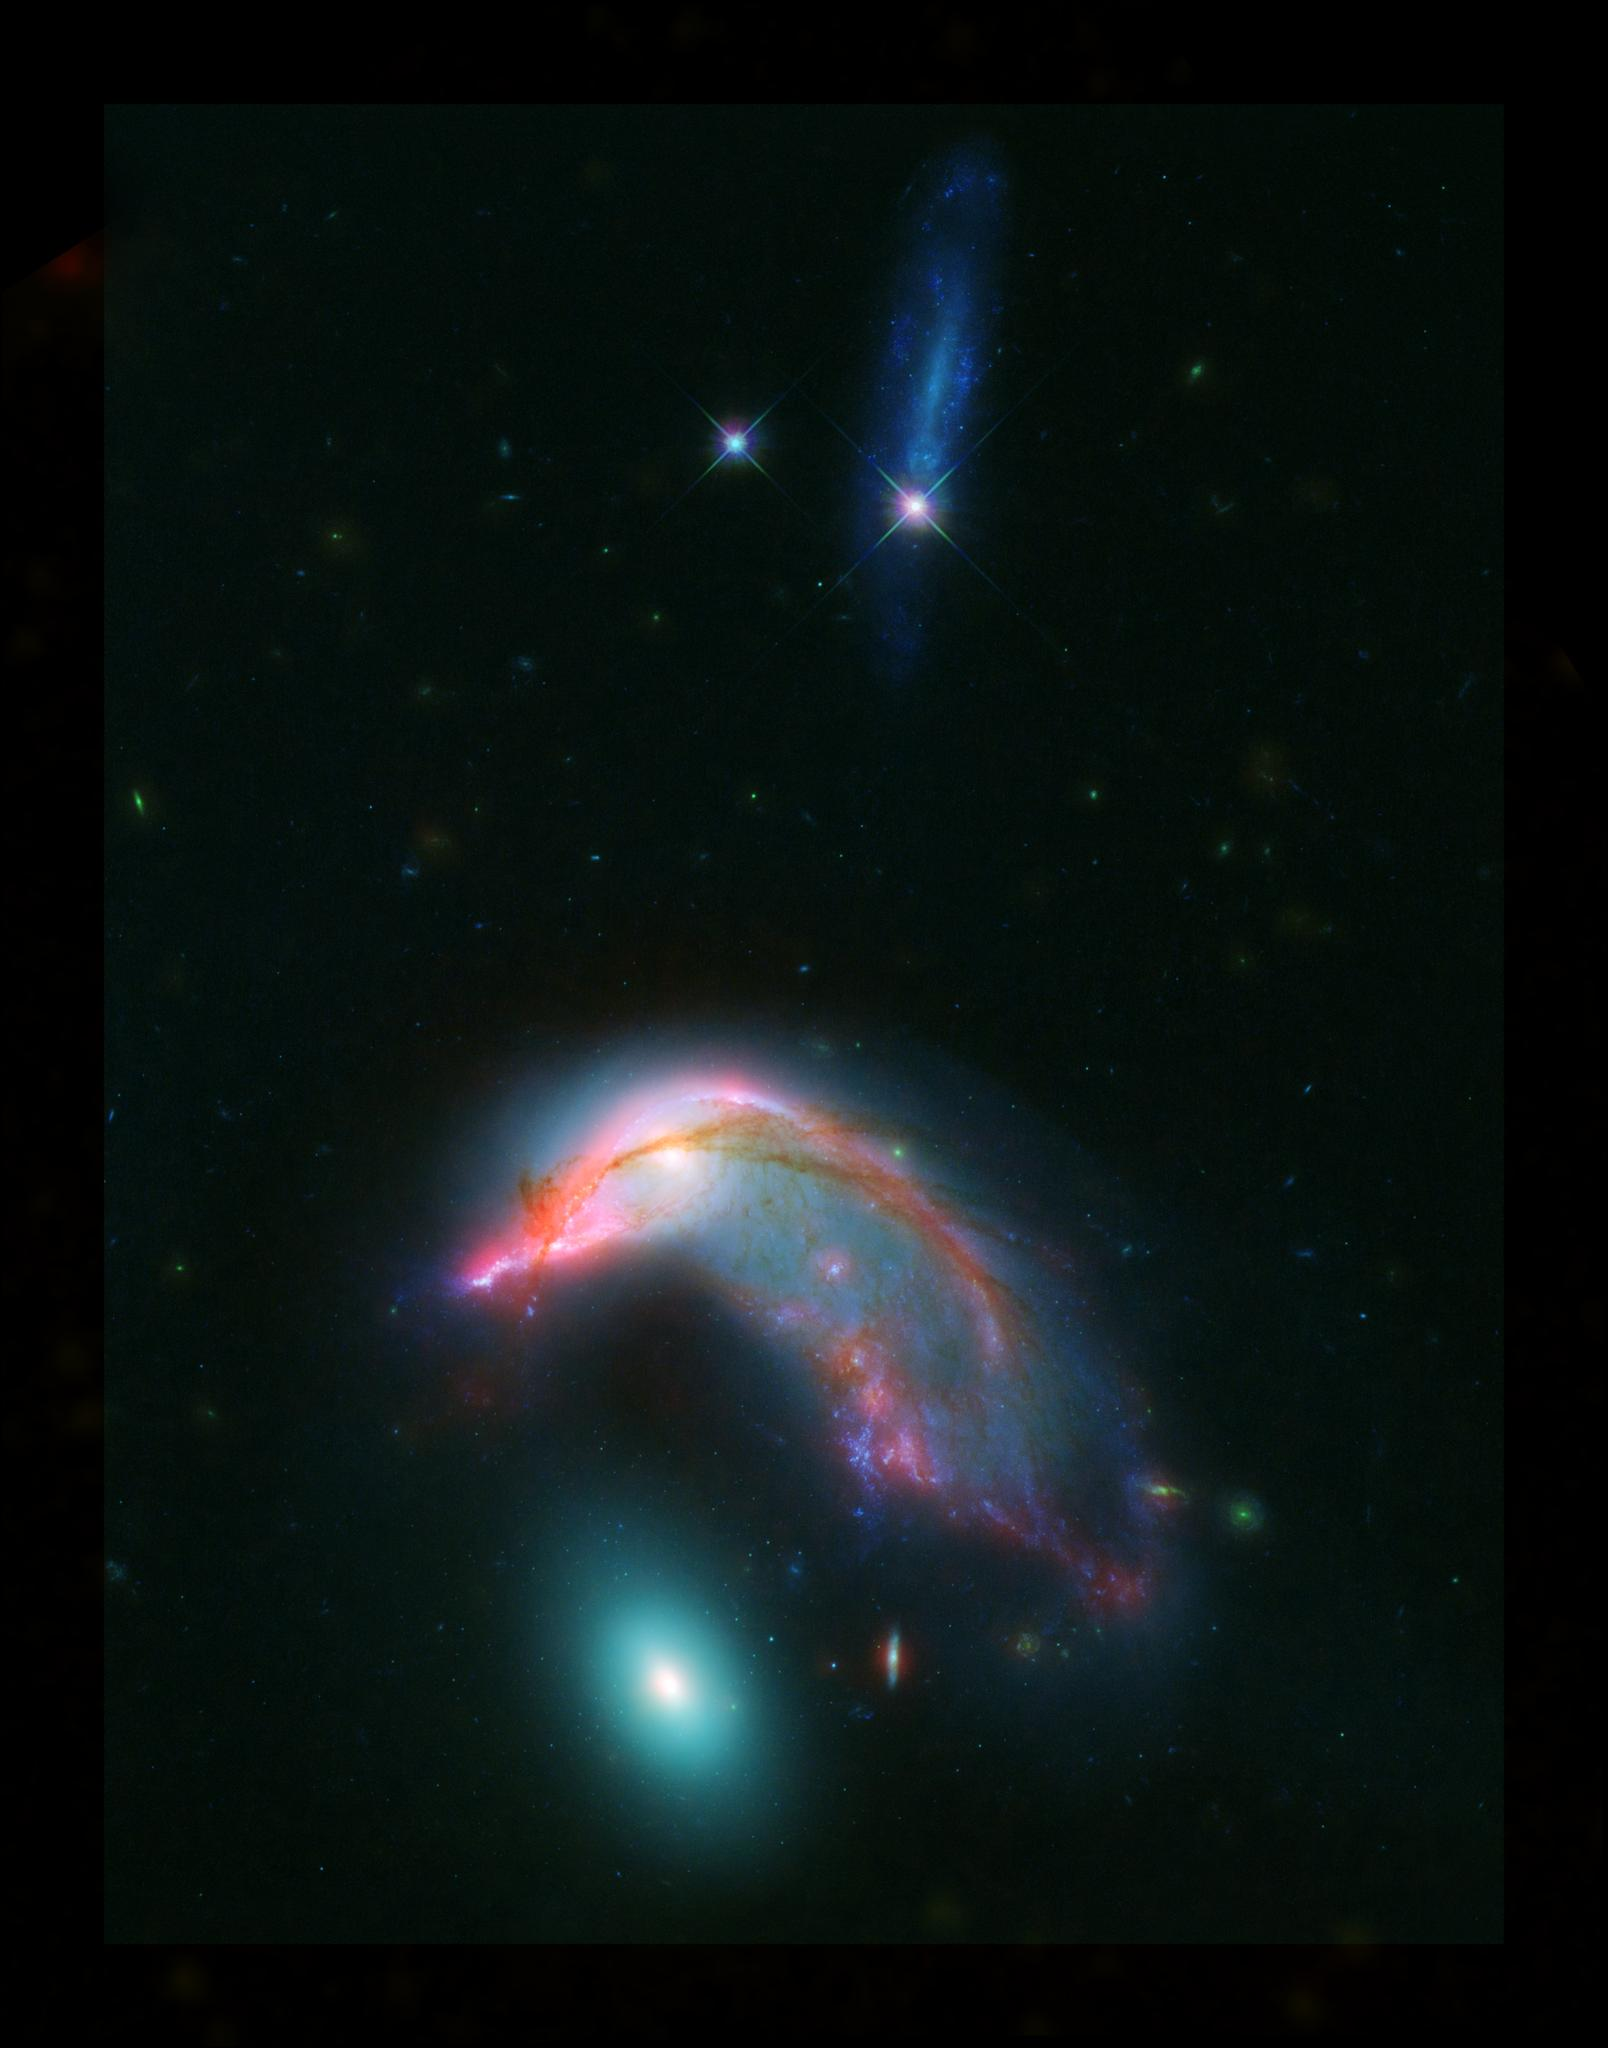 Объект Arp 142 удивительно напоминает заботливого пингвина. // Фото: NASA-ESA/STScI/AURA/JPL-Caltech